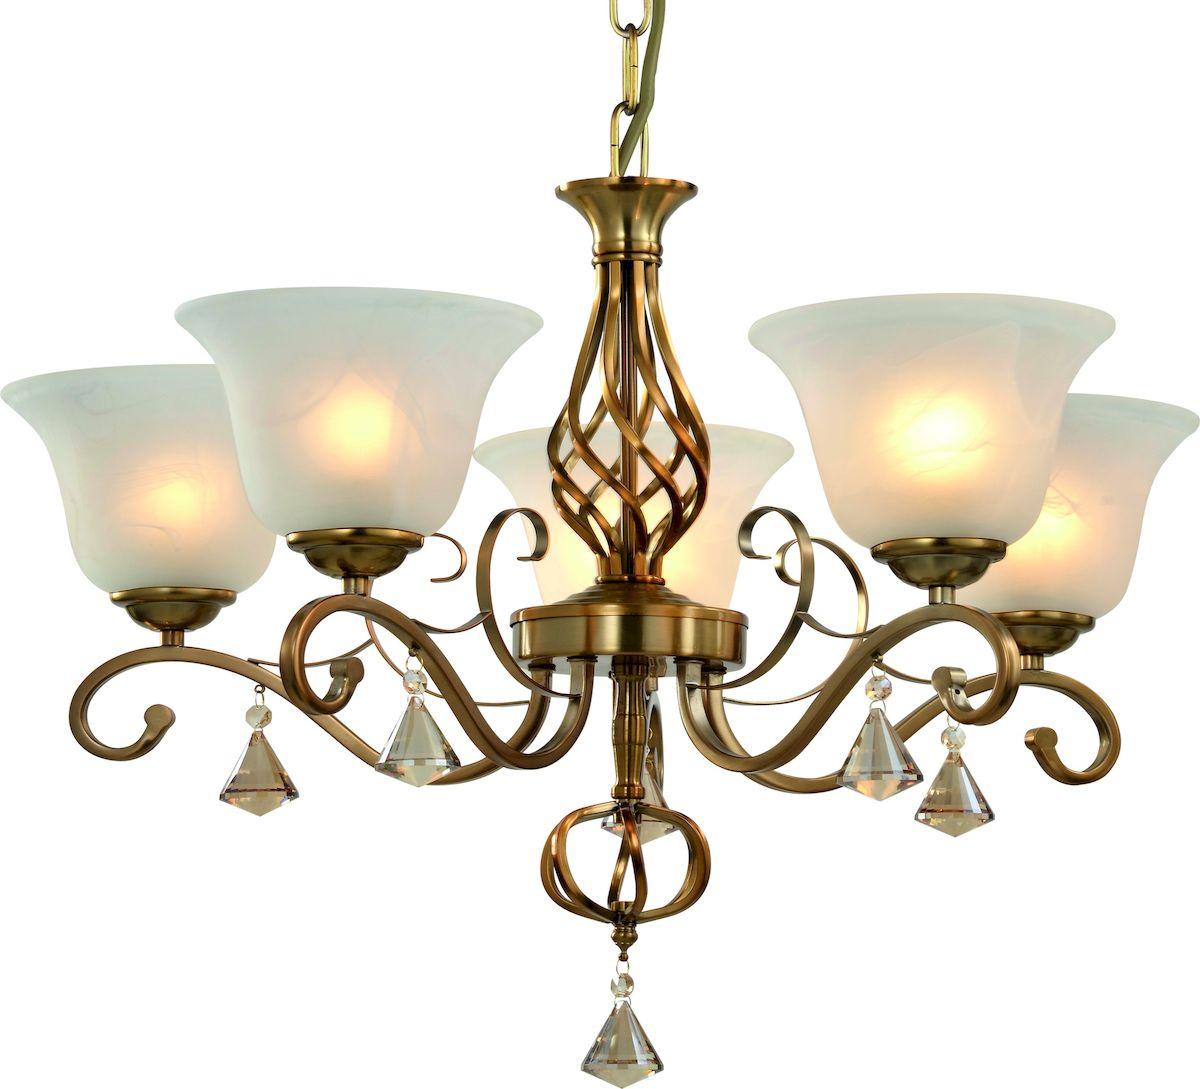 Светильник подвесной Arte Lamp Cono. A8391LM-5PBA8391LM-5PBСветильник Arte Lamp Cono поможет создать в вашем доме атмосферу уюта и комфорта. Благодаря высококачественным материалам он практичен в использовании и отлично работает на протяжении долгого периода времени. Высота до цепи: 56 см. Длина цепи: 120 см (укорачивается). Цоколь Е27, 5х60 Ватт. Тип крепления: чаша на крюк.